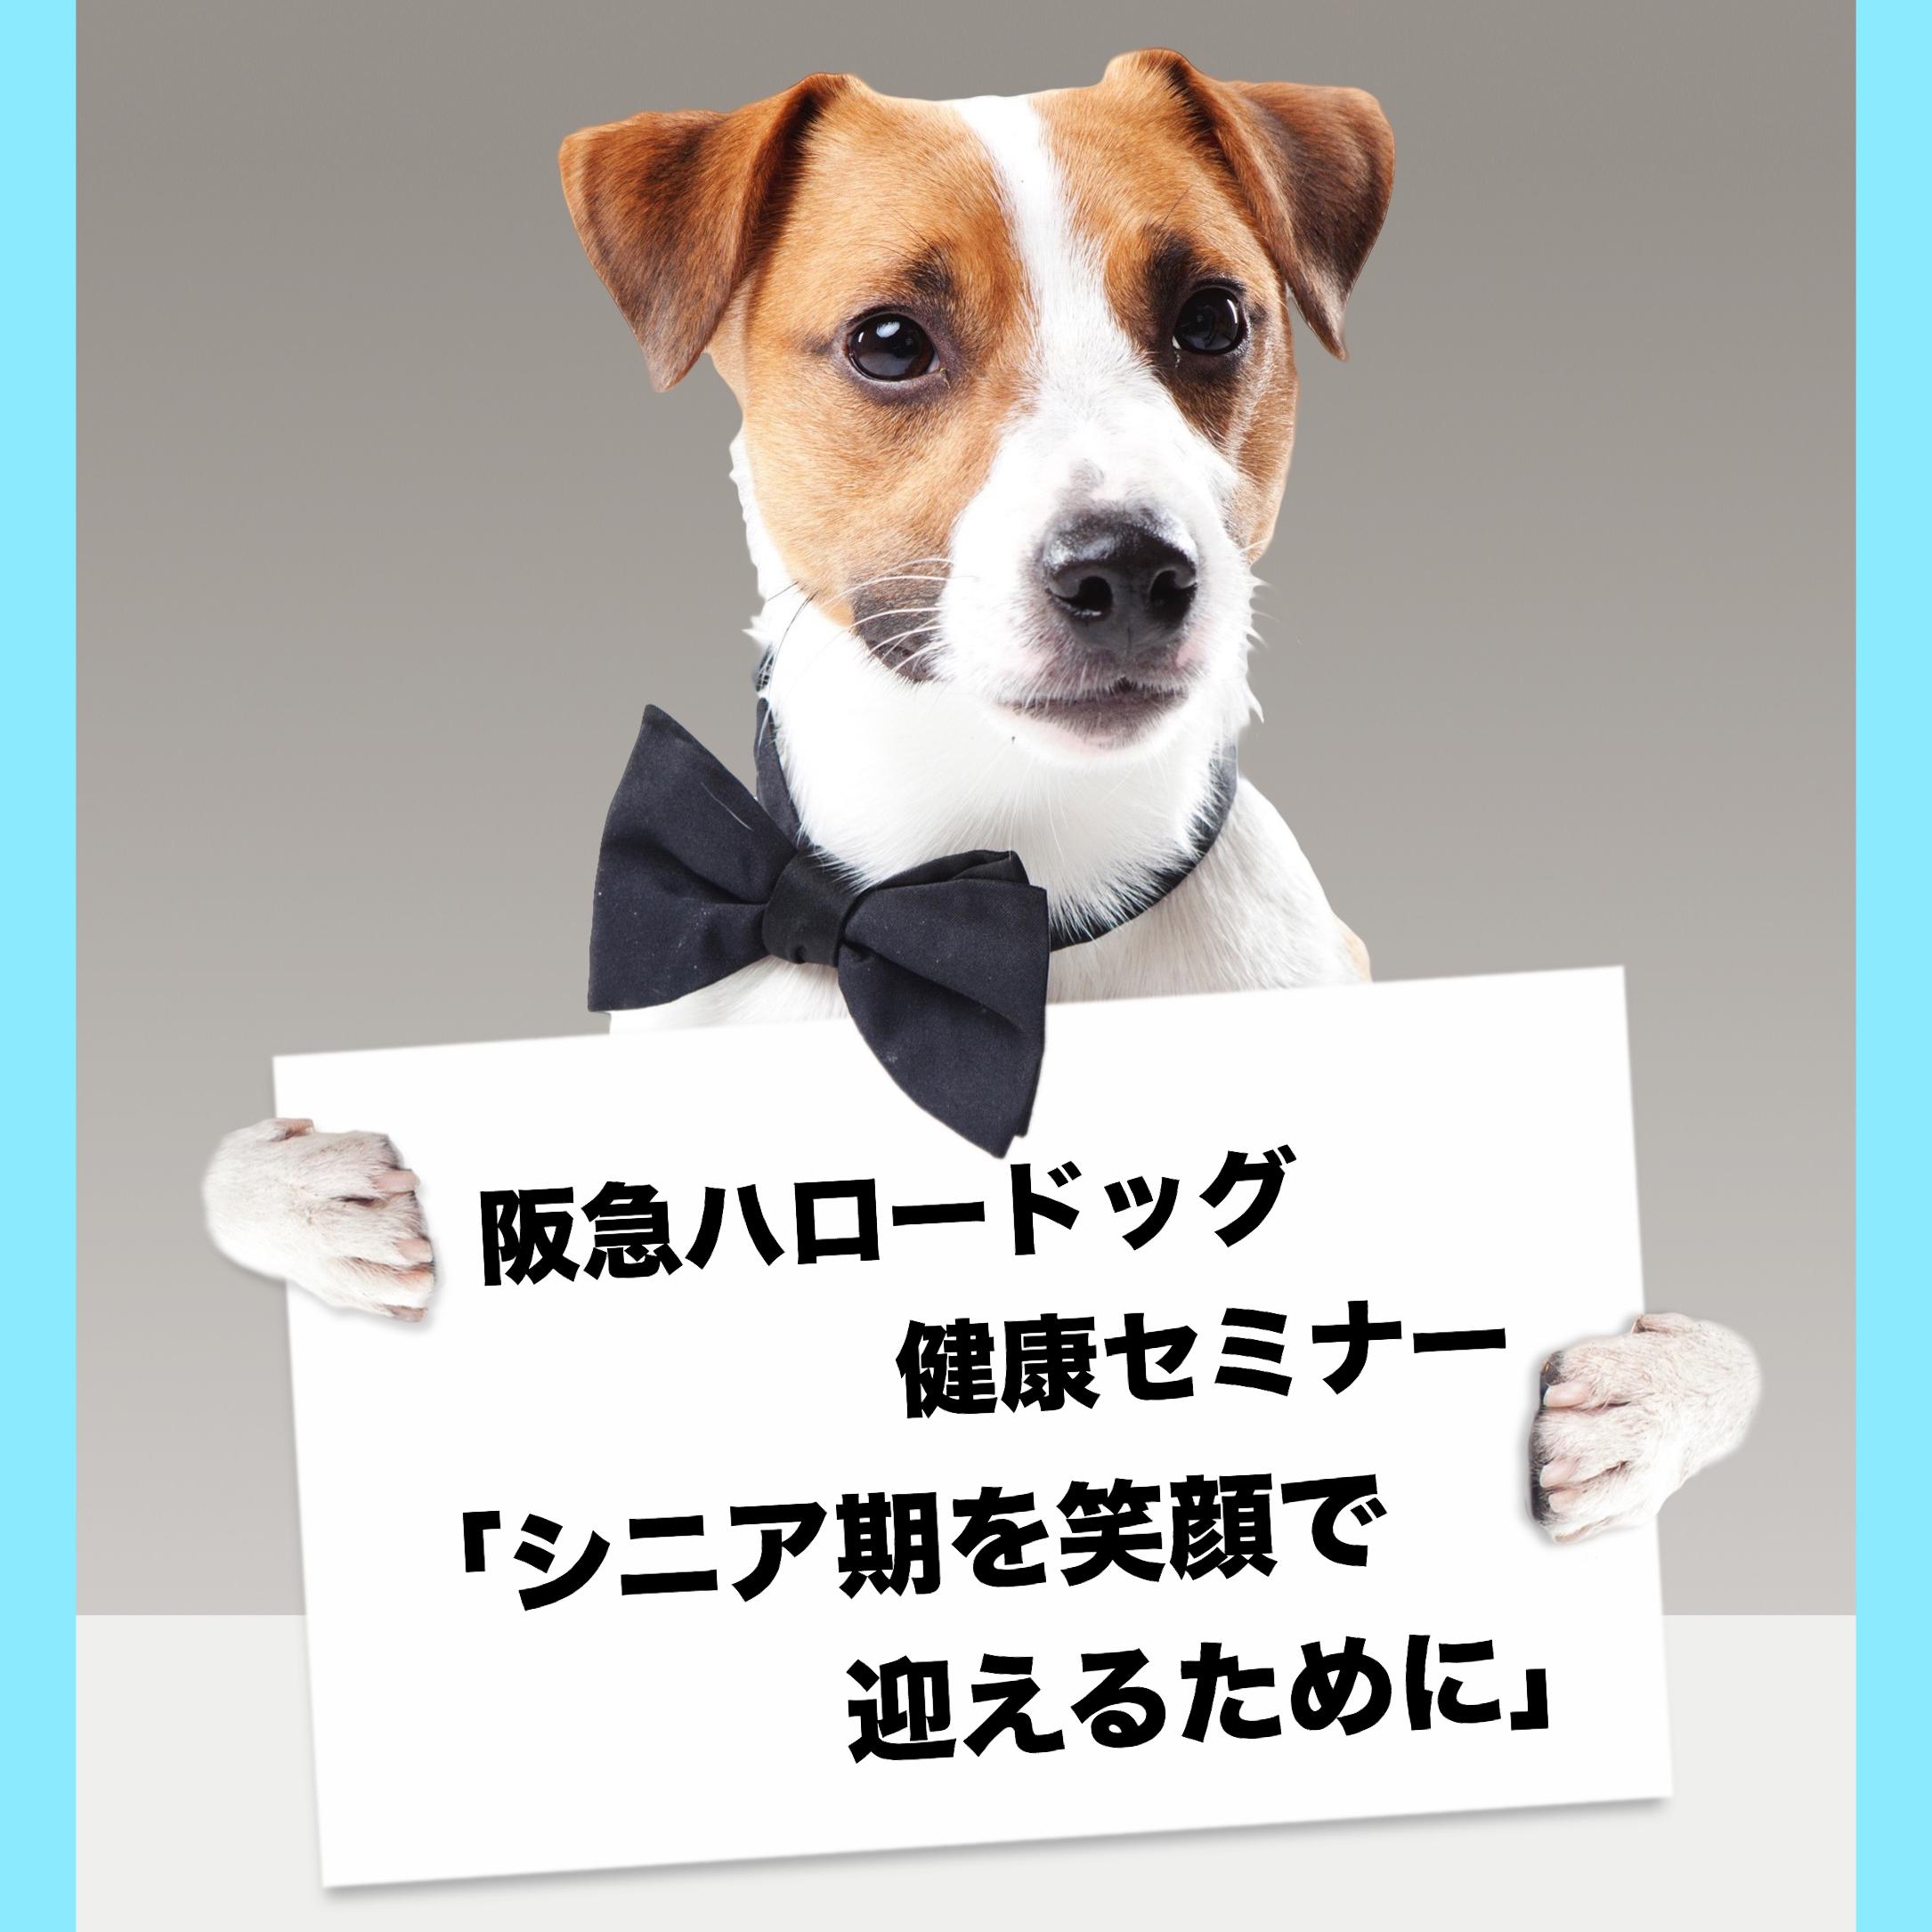 2018/10/13 西宮「阪急ハロードッグ健康セミナー」シニア期を笑顔で迎えるために